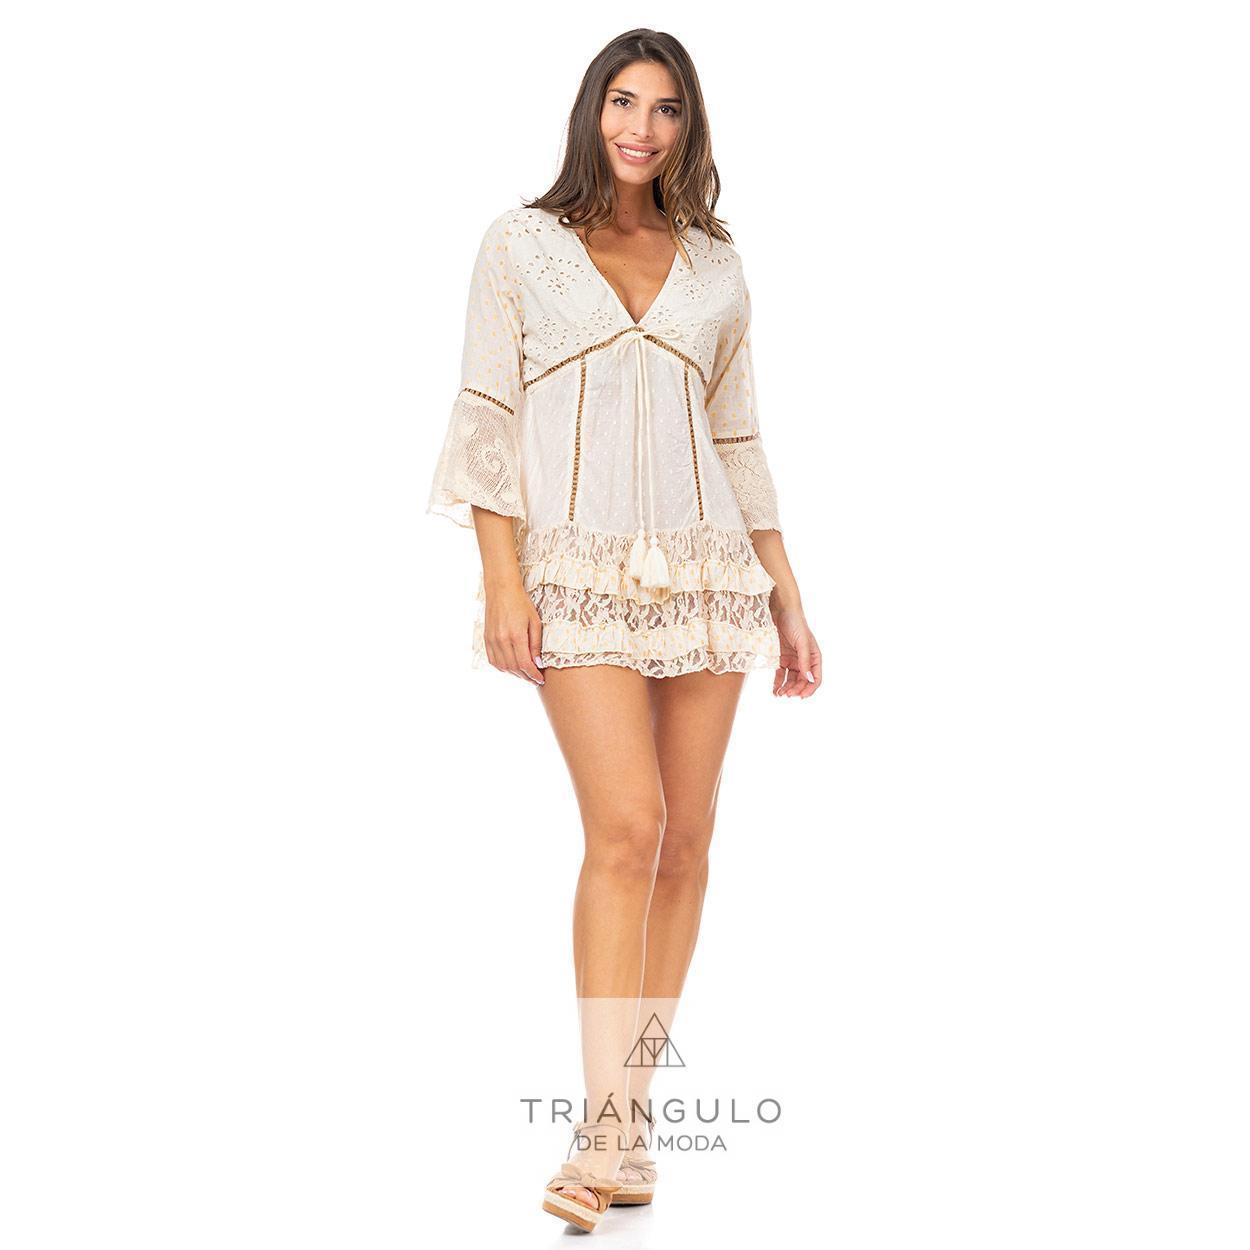 Tienda online del Triangulo de la Moda CASACA BOHO CHIC ENTREDOS RAFIA